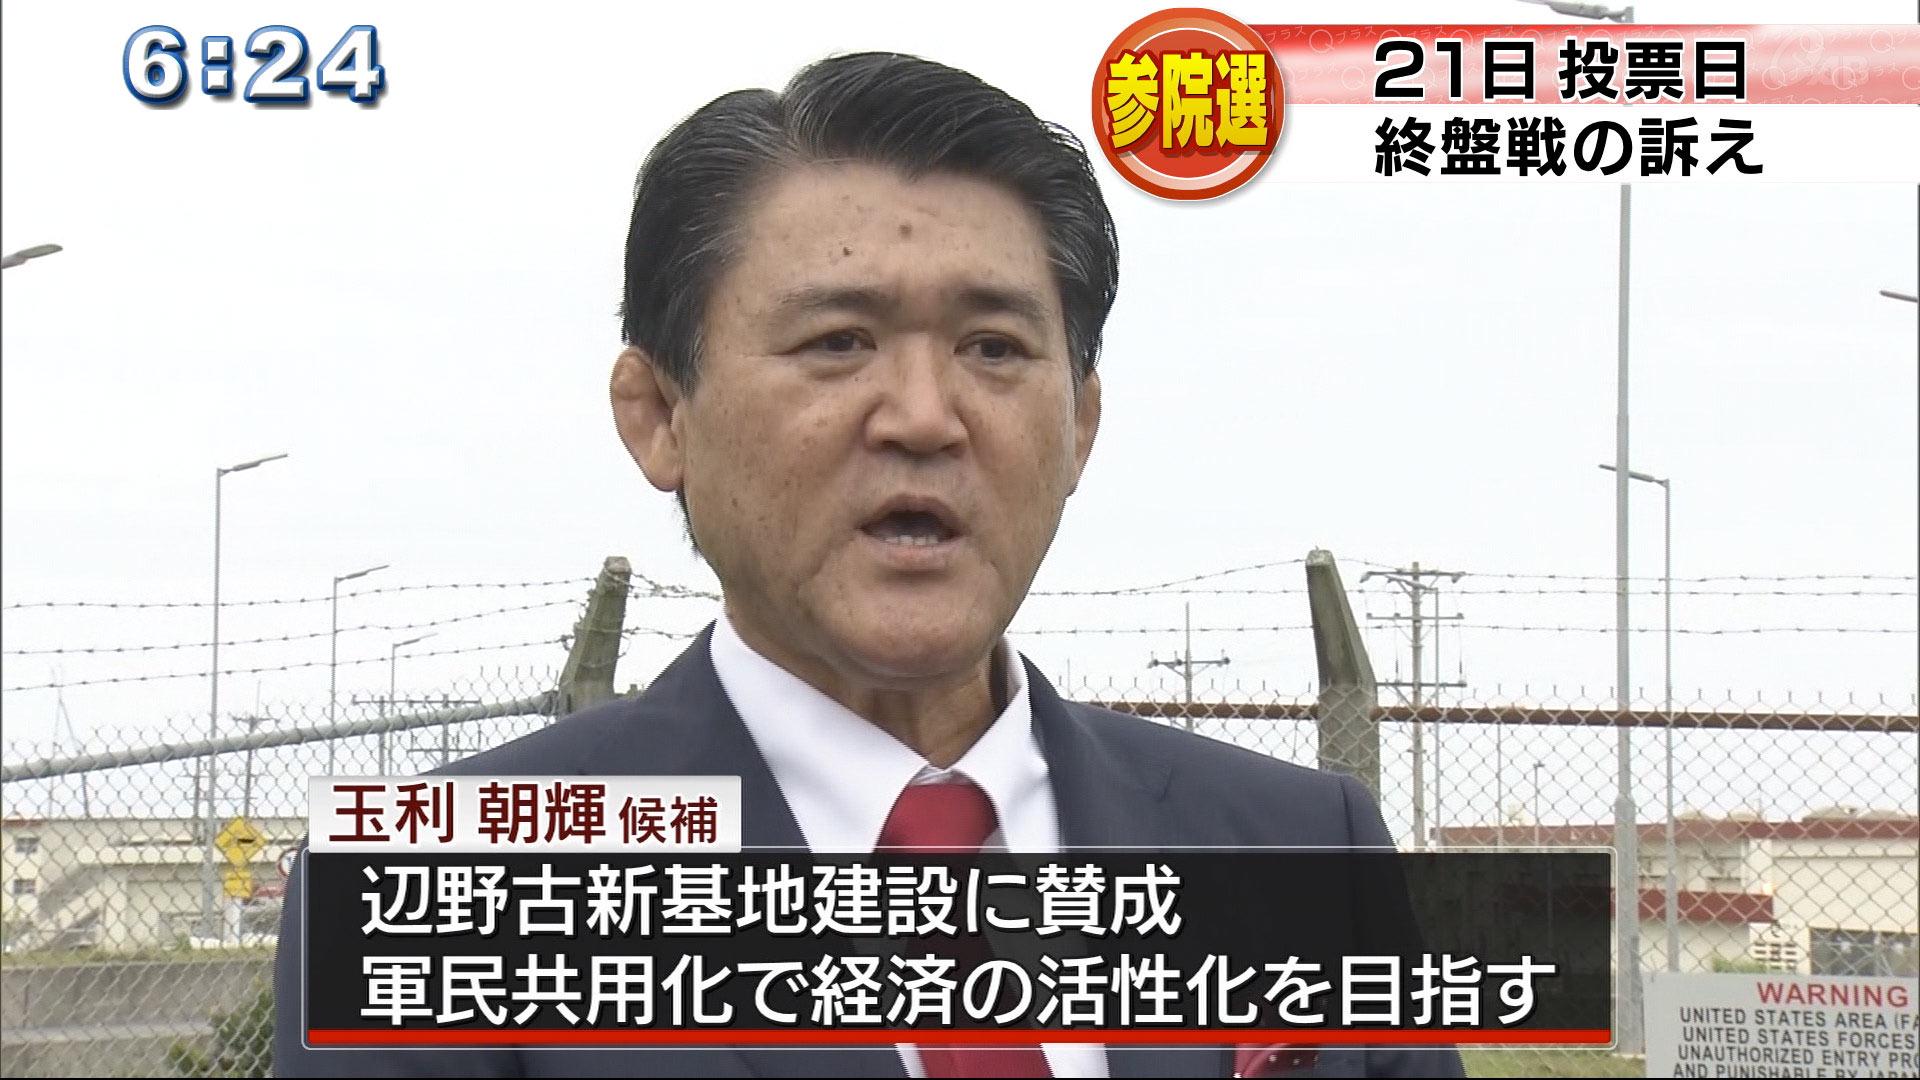 玉利さんは辺野古新基地建設に賛成の立場で軍民共用化を実現させ経済を活性化